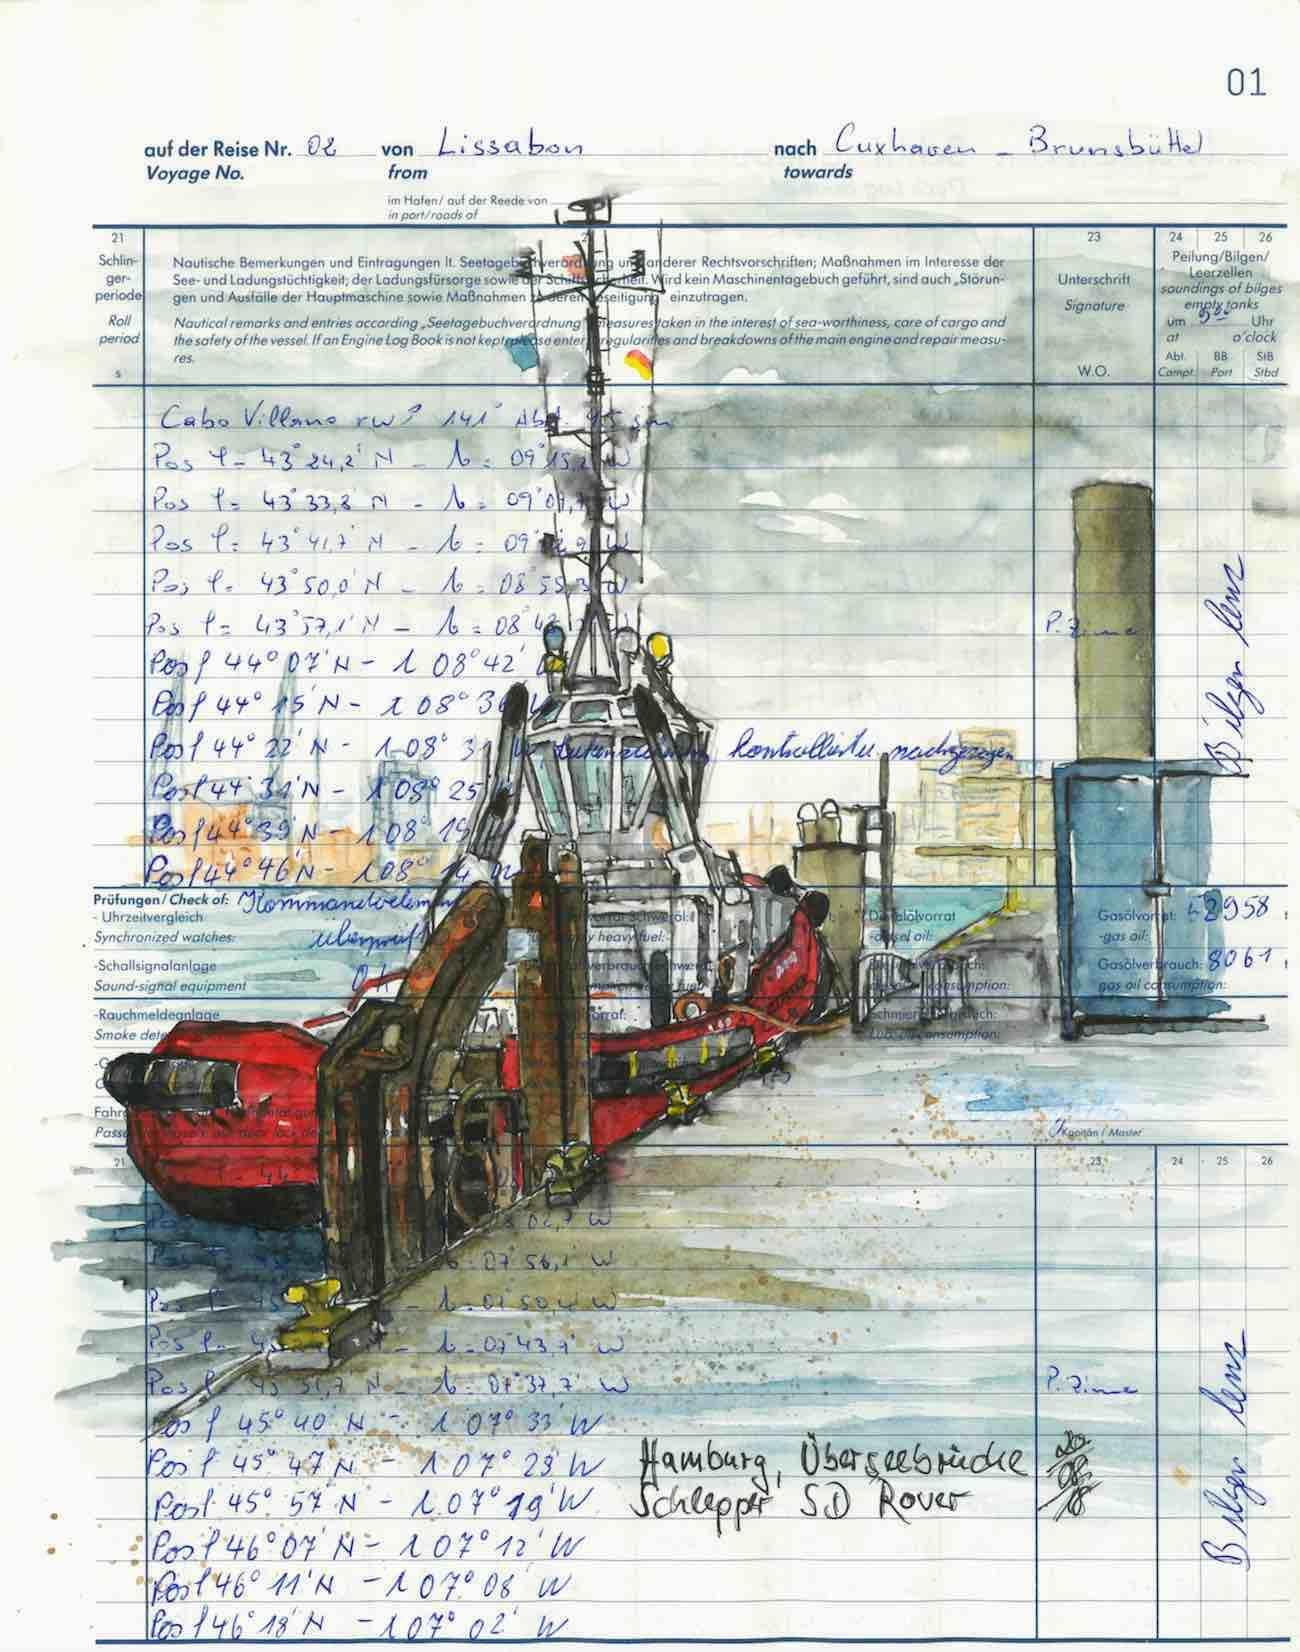 »Urban Sketchers« sind Künstler, die mit Zeichenstift und Skizzenbuch durch die Stadt streifen und ihre Eindrücke auf Papier festhalten. Diese Zeichnung stammt von Tine Beutler: »Ich zeichne mittlerweile fast alle maritimen Motive in ein altes Schiffstagebuch, das meinem Schwiegervater gehörte, der früher mal eine Reederei besaß. Geplant hatte ich an diesem Tag, die »Amerigo Vespucci« zu zeichnen. Ich wusste, dass sie um die Mittagszeit ablegt, und hatte meinen Vormittag so geplant, dass ich eine Stunde Zeit habe zu zeichnen. Leider hatte sich an dem Tag alles gegen mich verschworen. Eine Bahn verpasst, die nächste fiel aus. Als ich dann endlich an der Überseebrücke ankam, war von dem schönen Segler weit und breit nichts mehr zu sehen. Statt des schlanken stattlichen Seglers gab's dann eben einen kleinen, knuffigen Schlepper.«